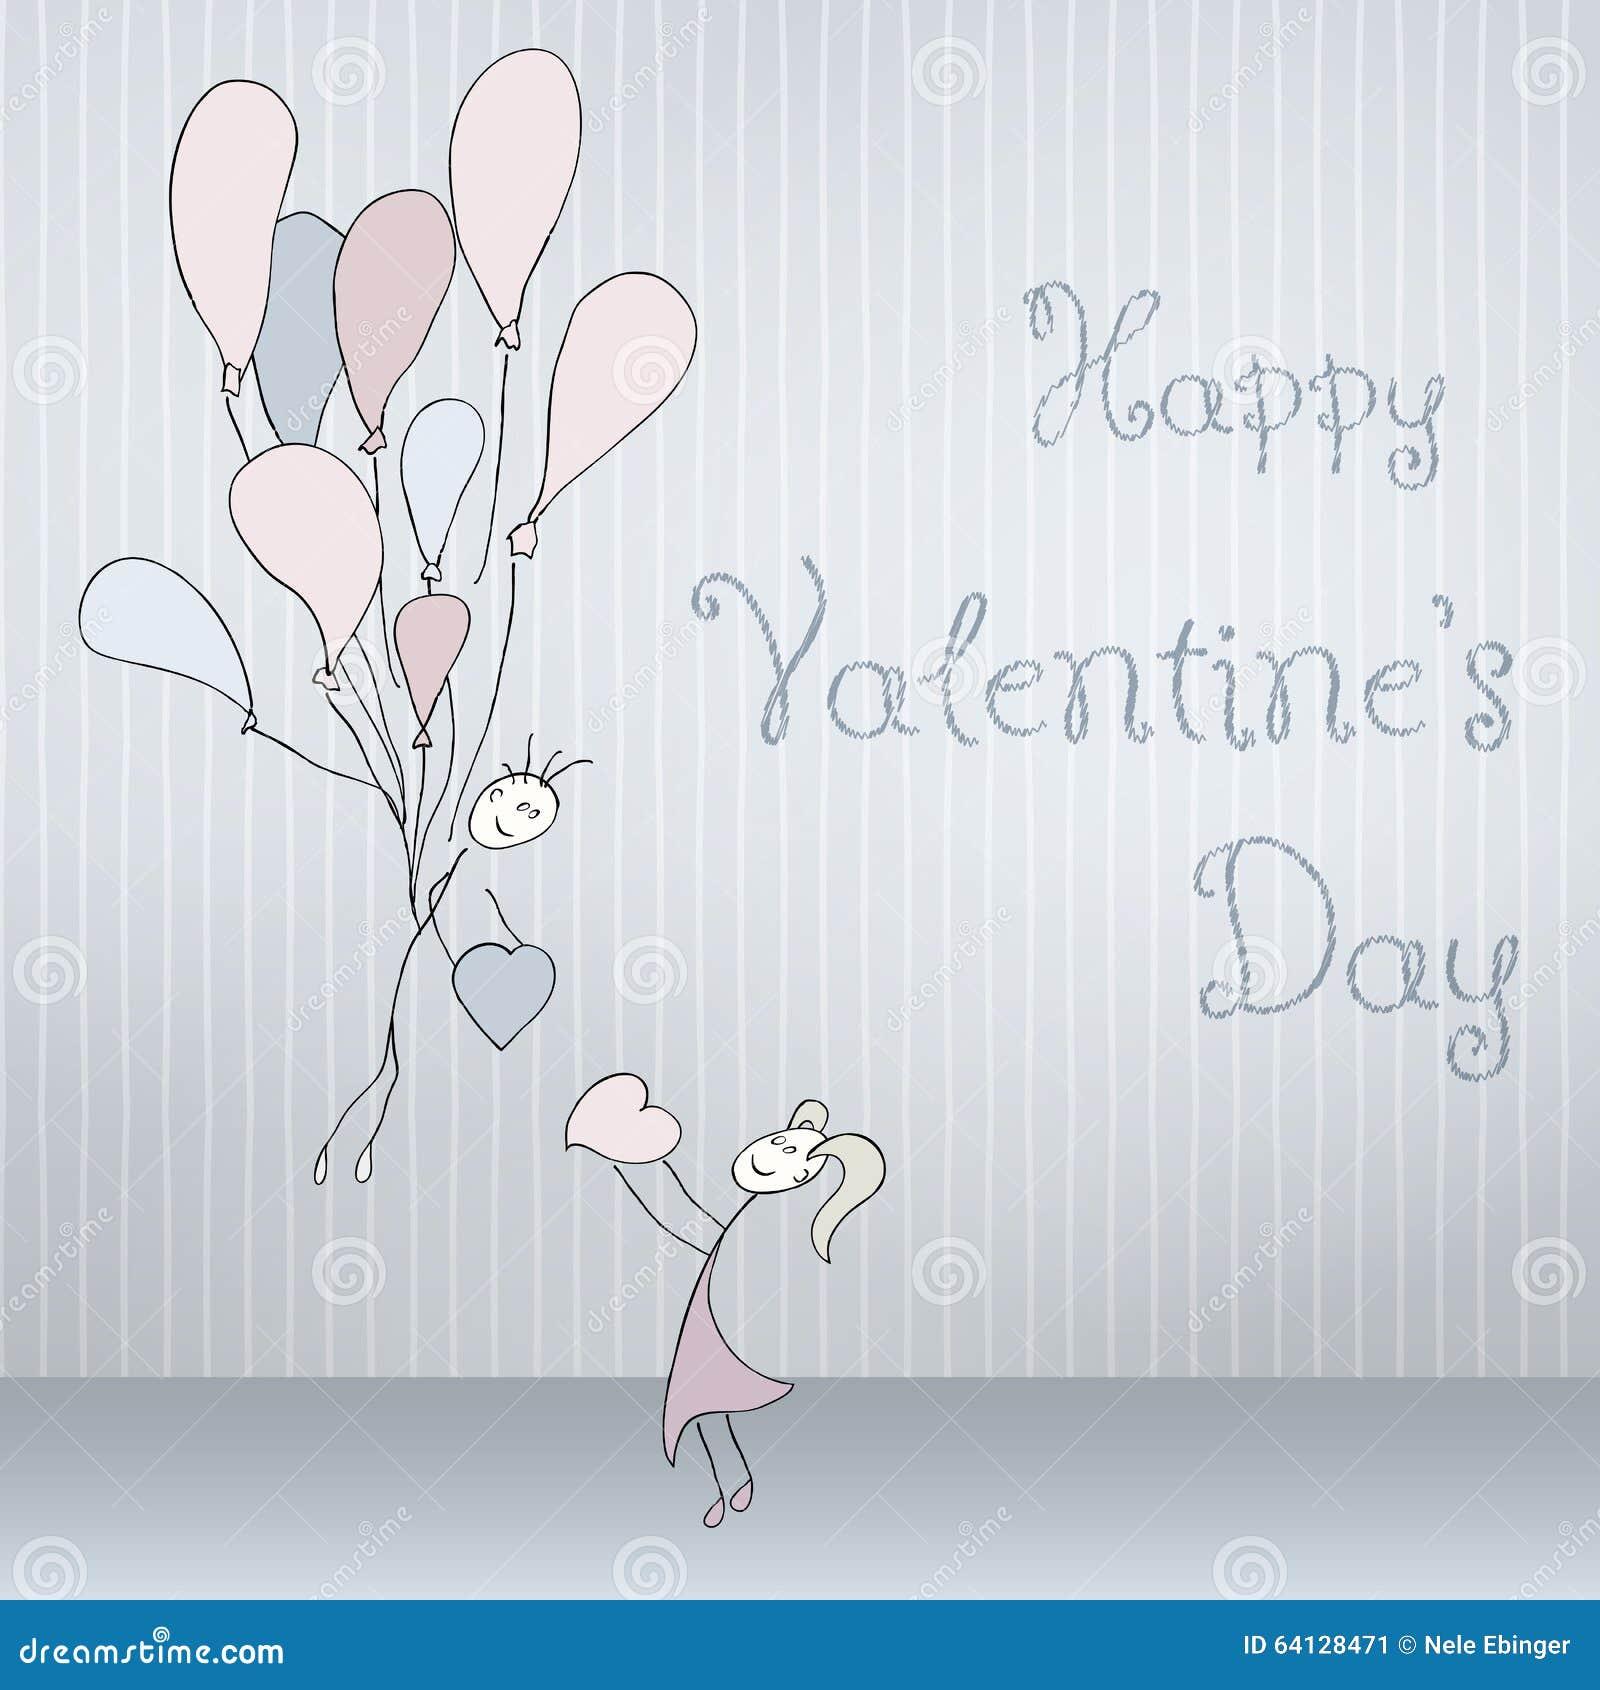 Abstrakte Karten mit der Hand, die gezeichnet wird, passen mit Ballonen, der Gekritzelguß zusammen, gefaltet Rote Rose